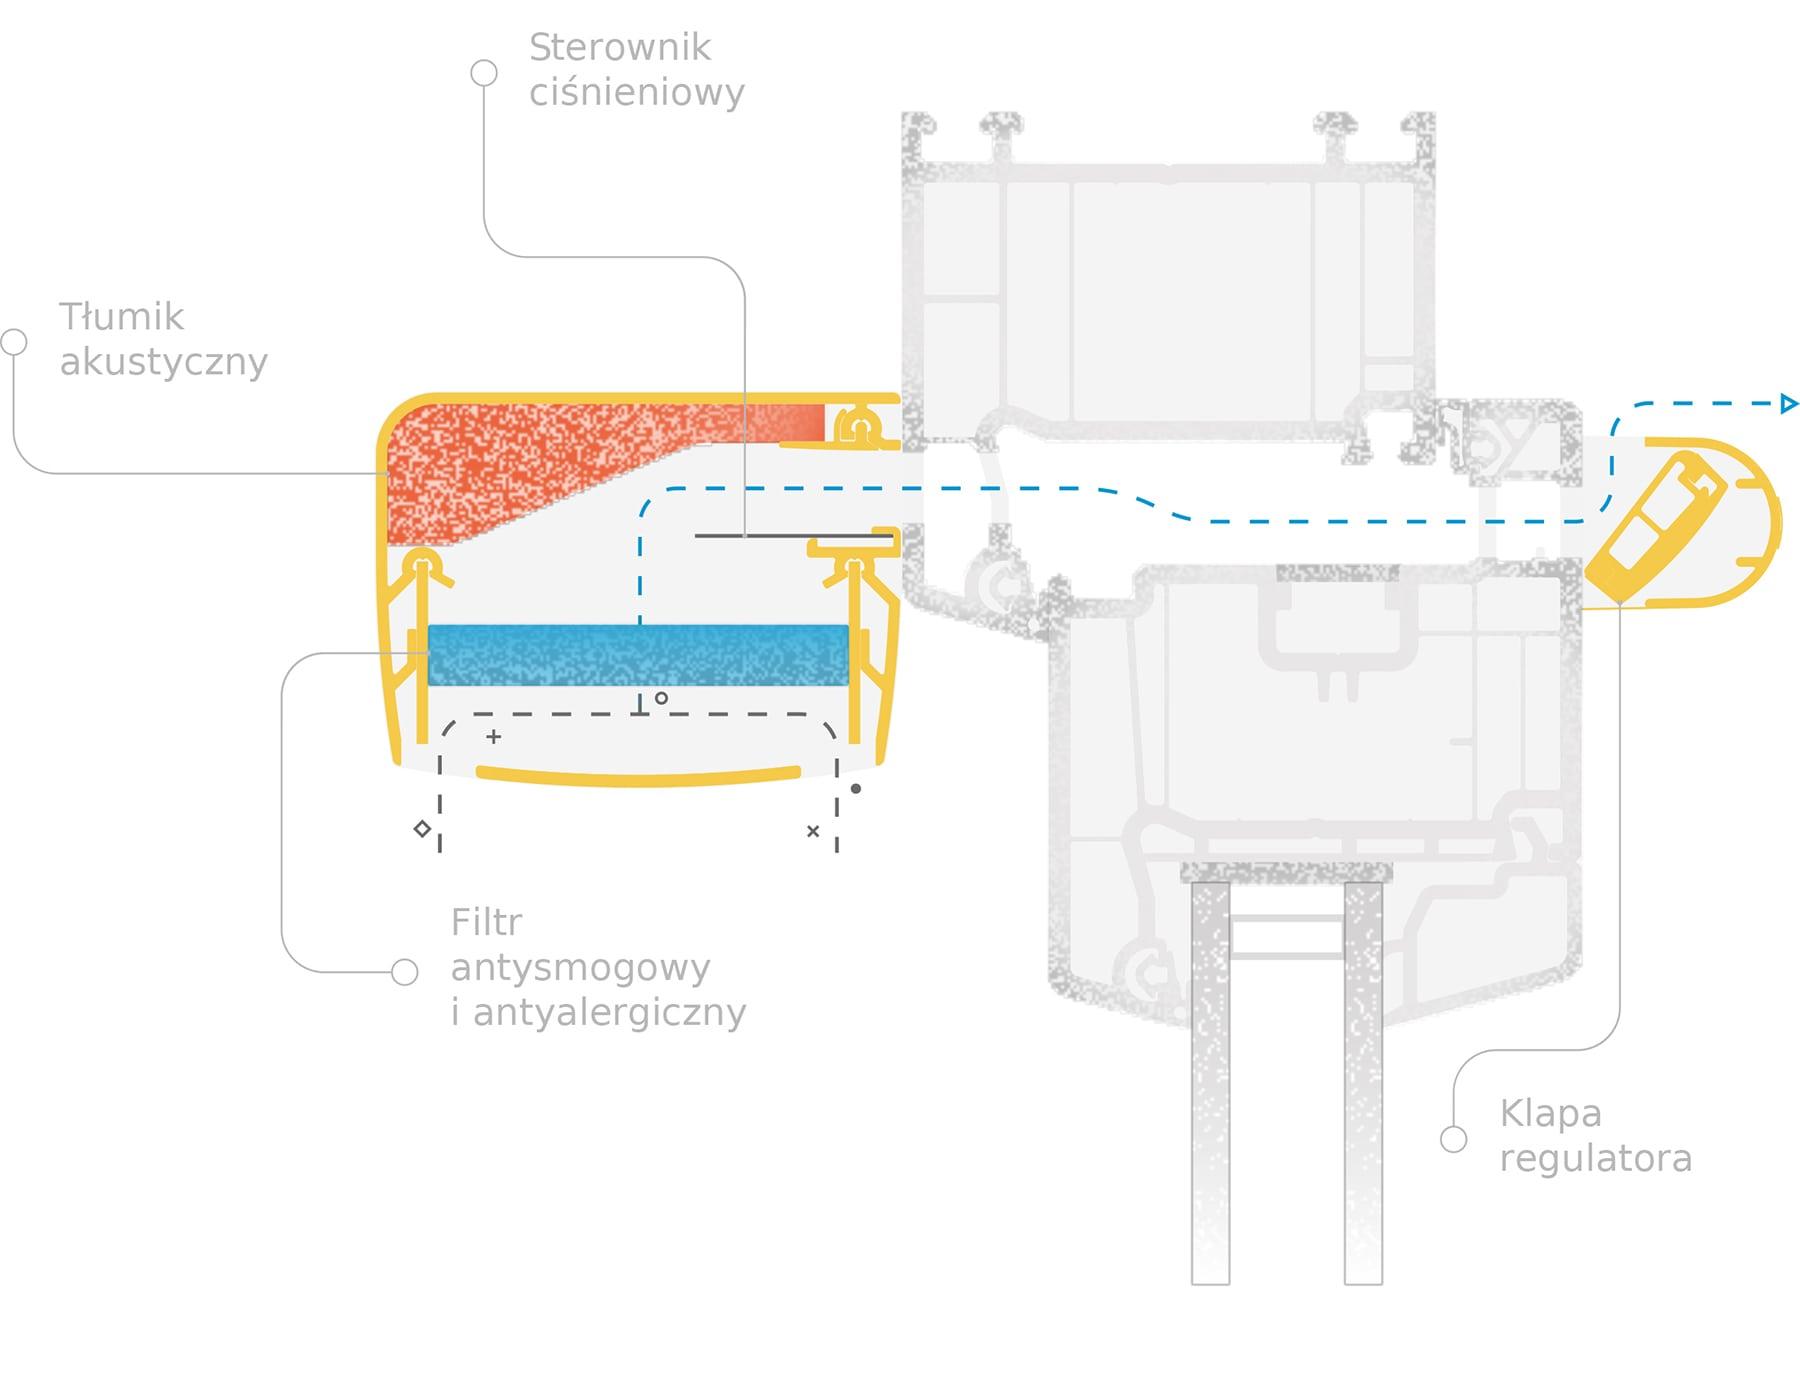 Nawiewniki okienne ciśnieniowe - sposób działania